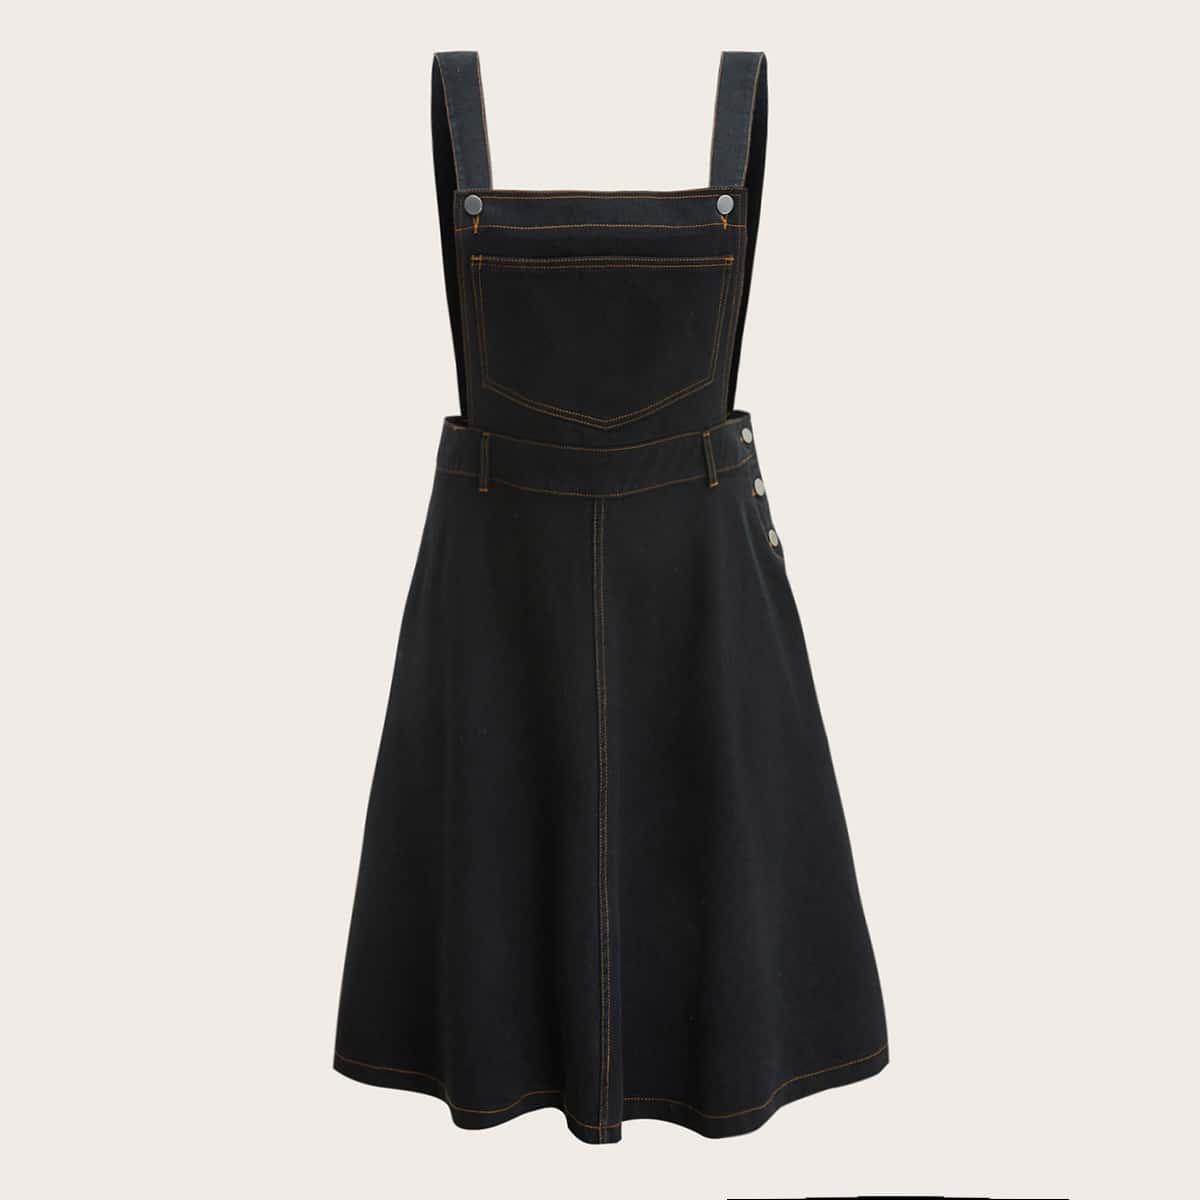 Джинсовое платье-сарафан размера плюс с пуговицами